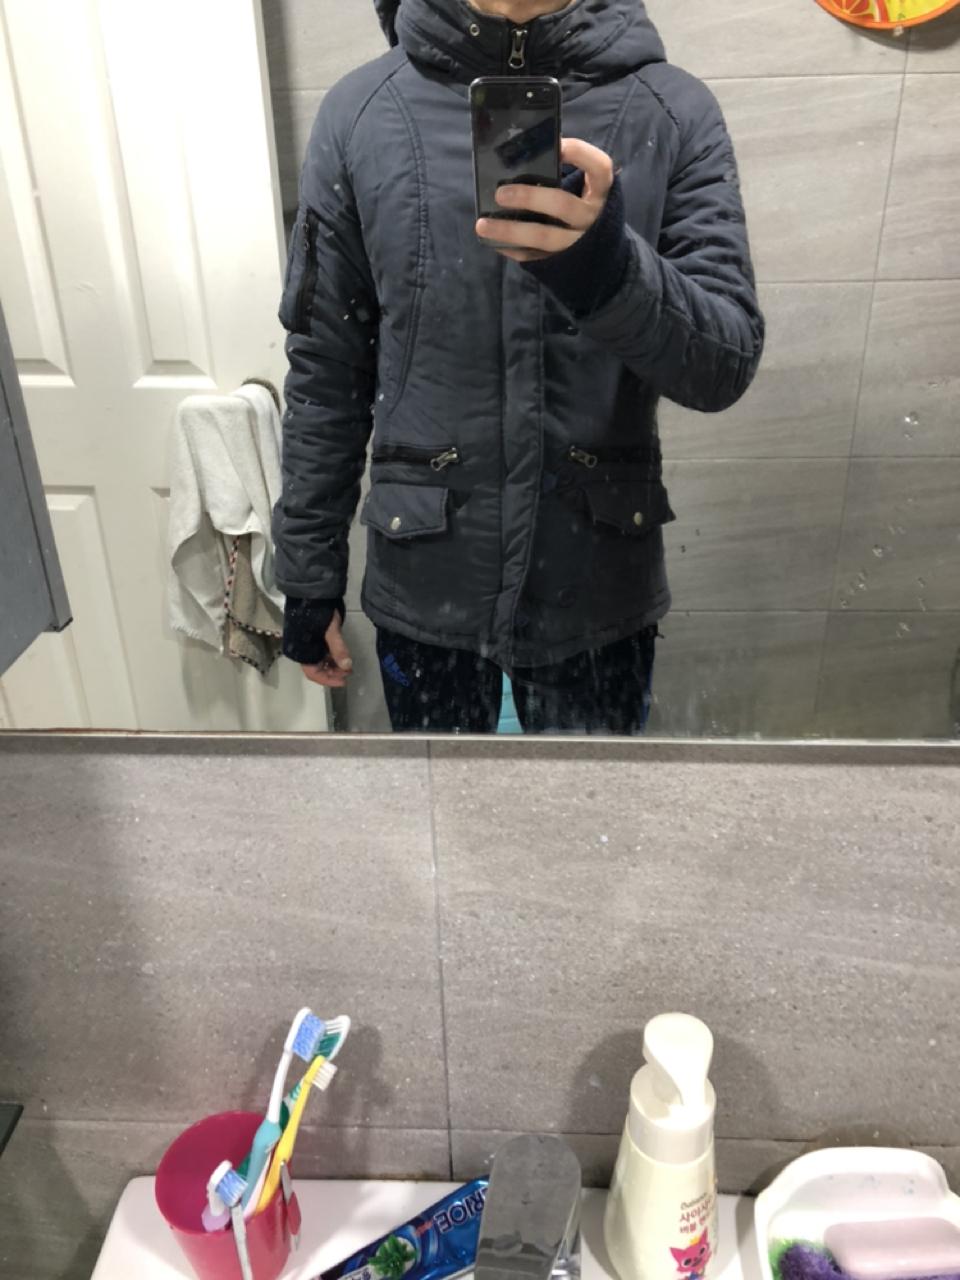 남자 겨울 봄버스타일 자켓 M 95 사이즈 싸게 내놓습니다